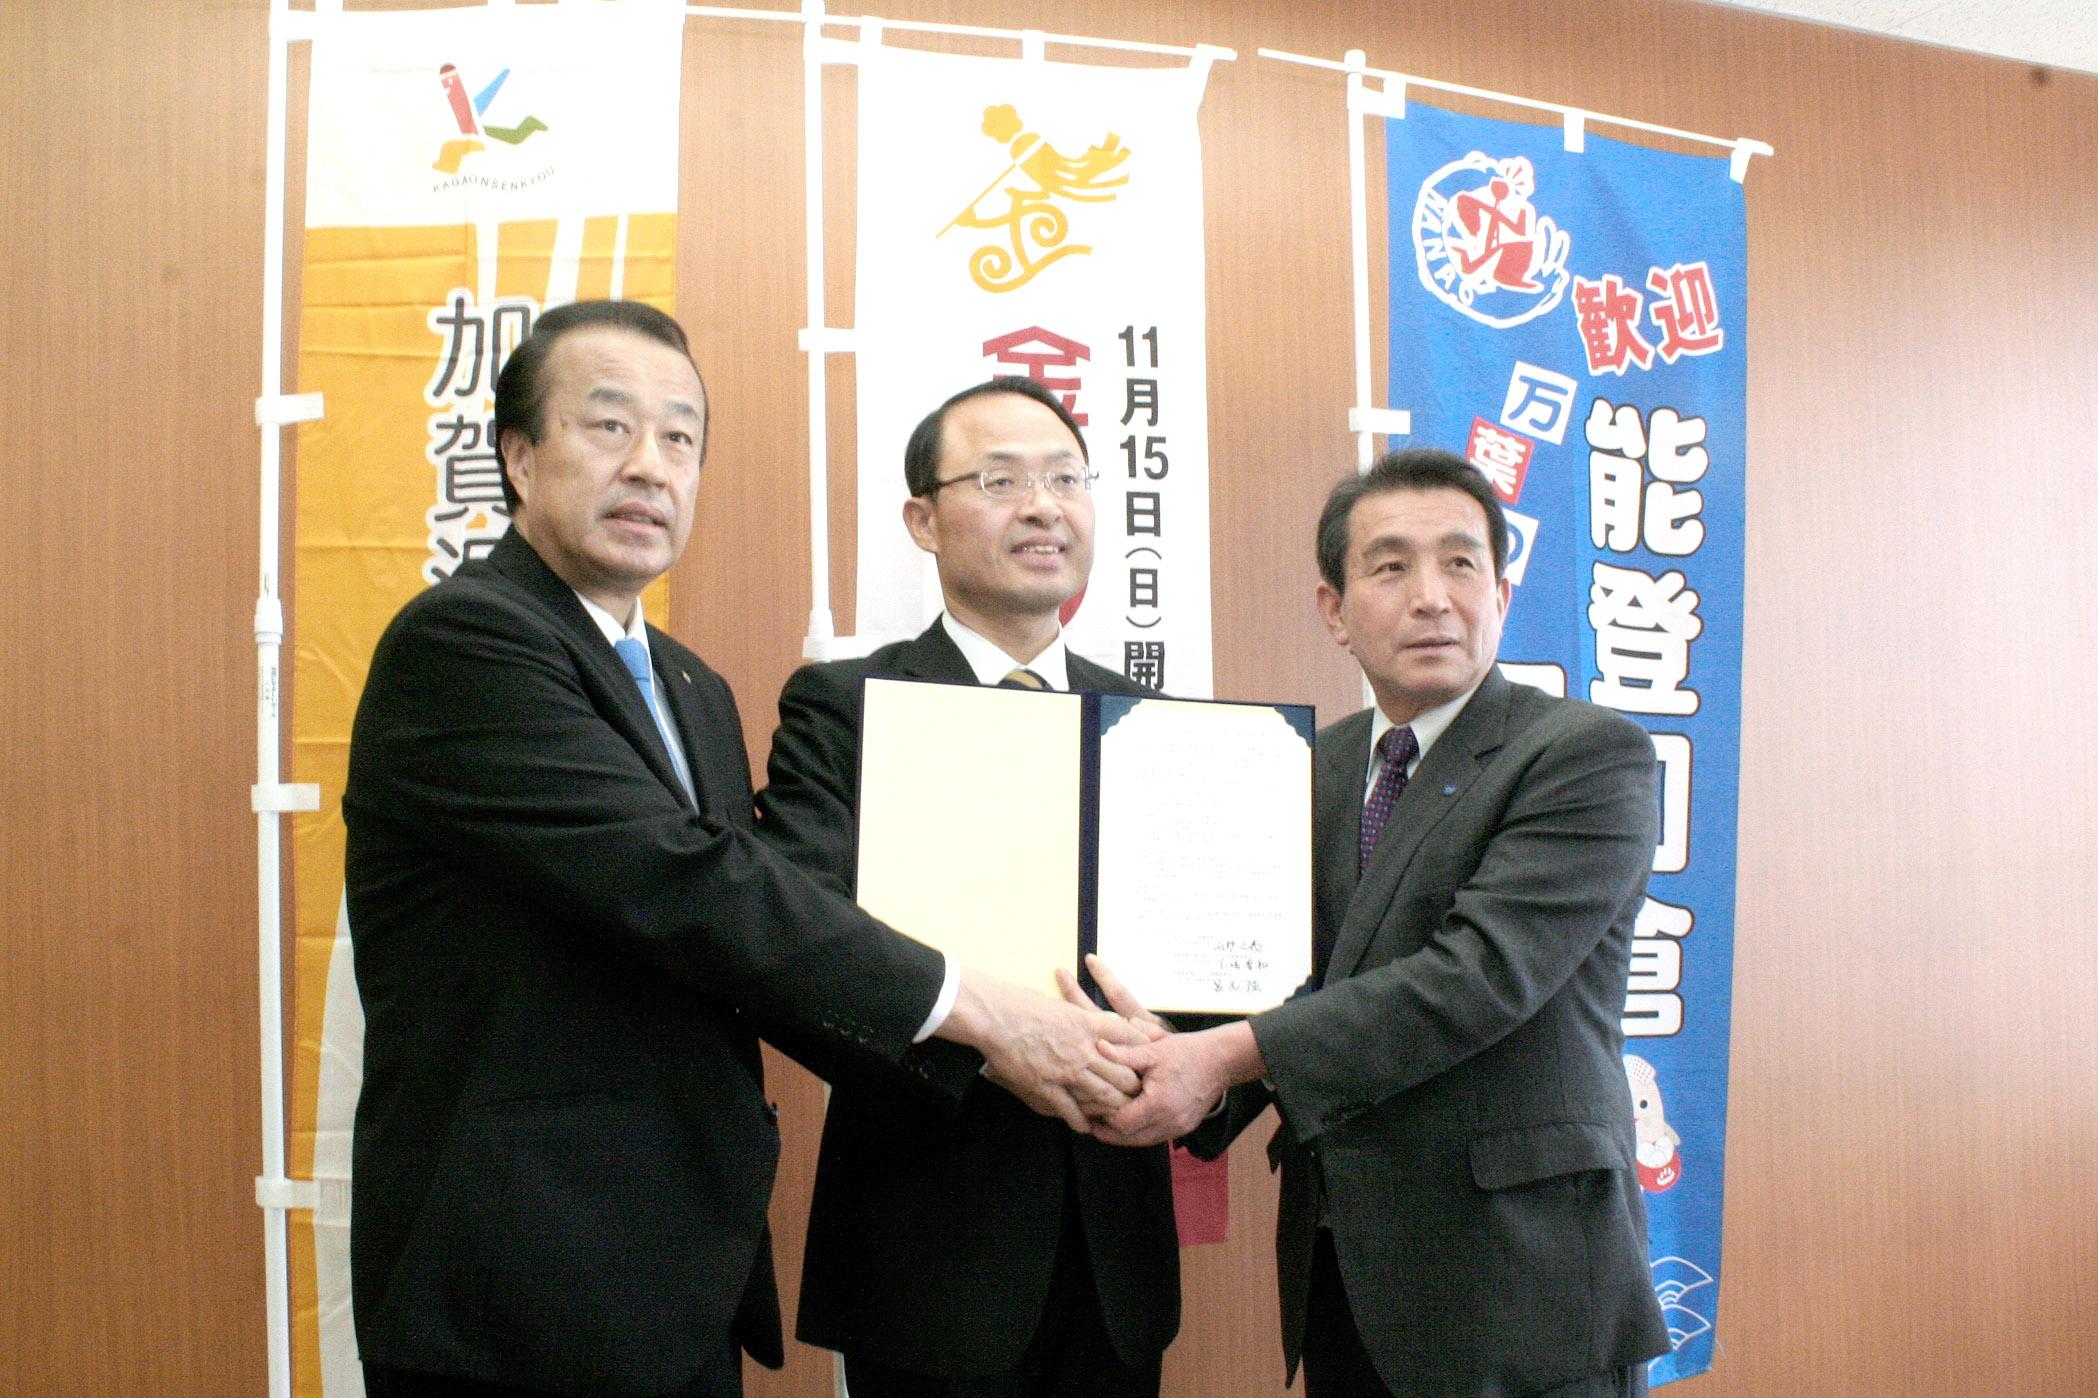 定を交わした(左から)宮元加賀市長、山野金沢市長、不嶋七尾市長=17日午前10時20分、金沢市役所